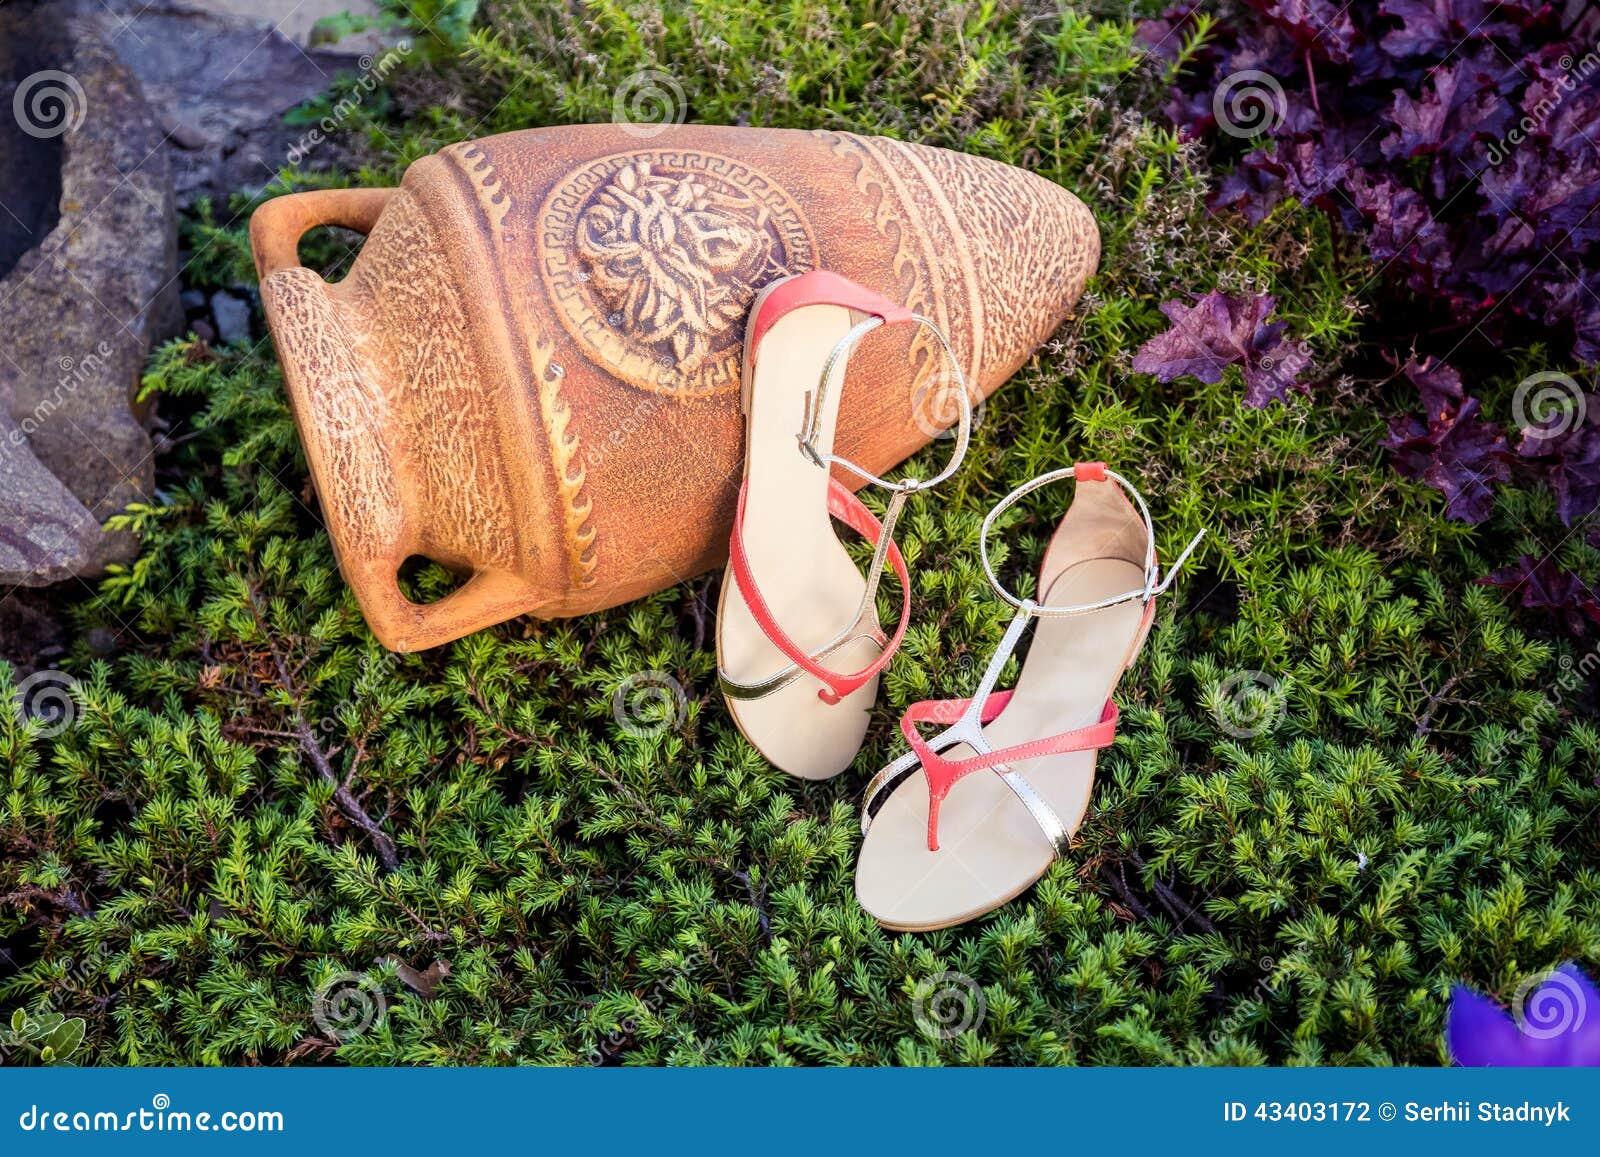 5f11c4099 Итальянские ботинки, стильные сандалии лежат на траве Стоковое Фото ...